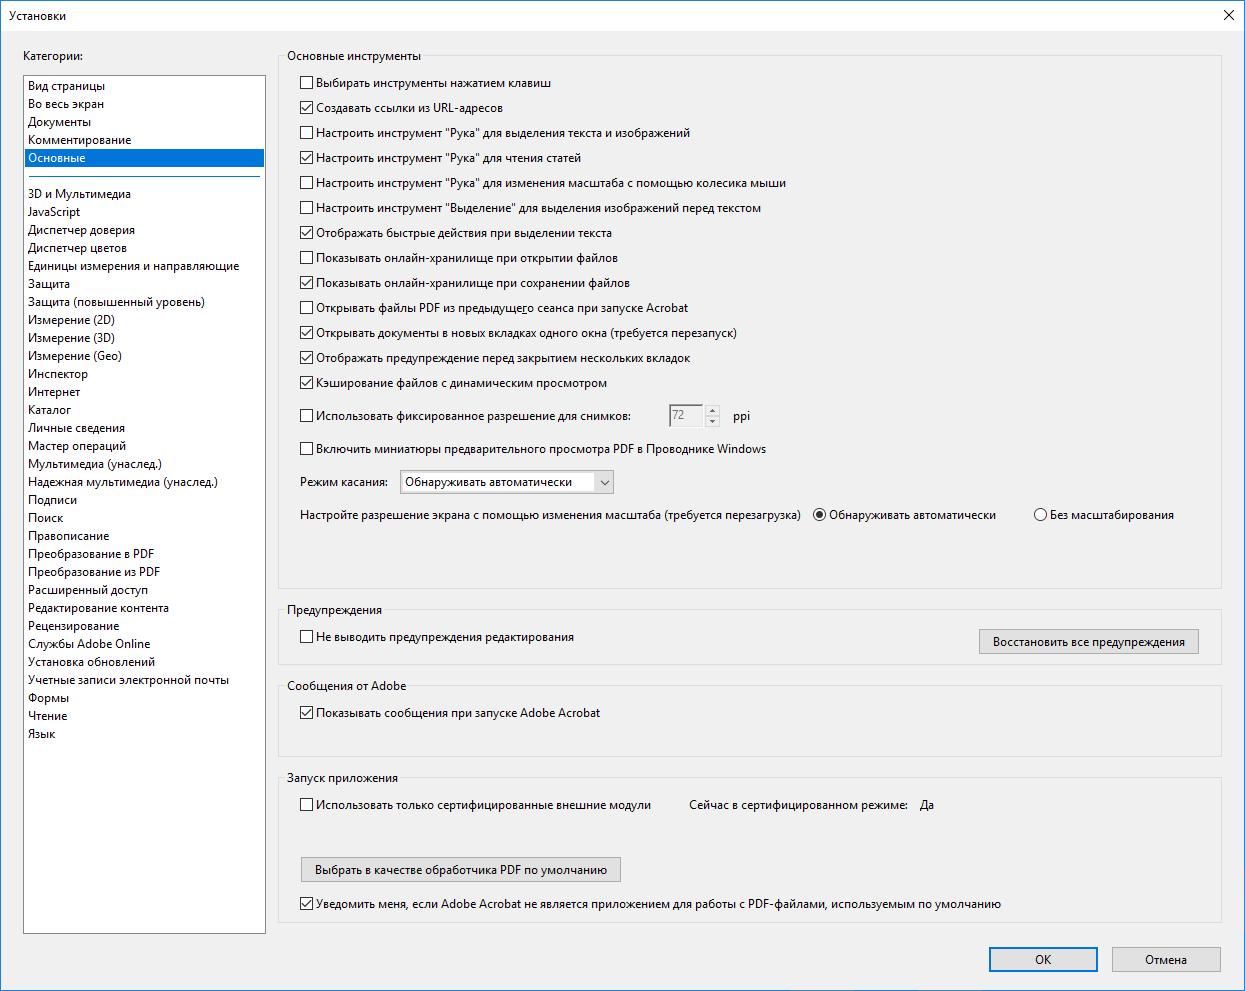 Работа с pdf файлами в онлайн топ брокеров форекс в украине